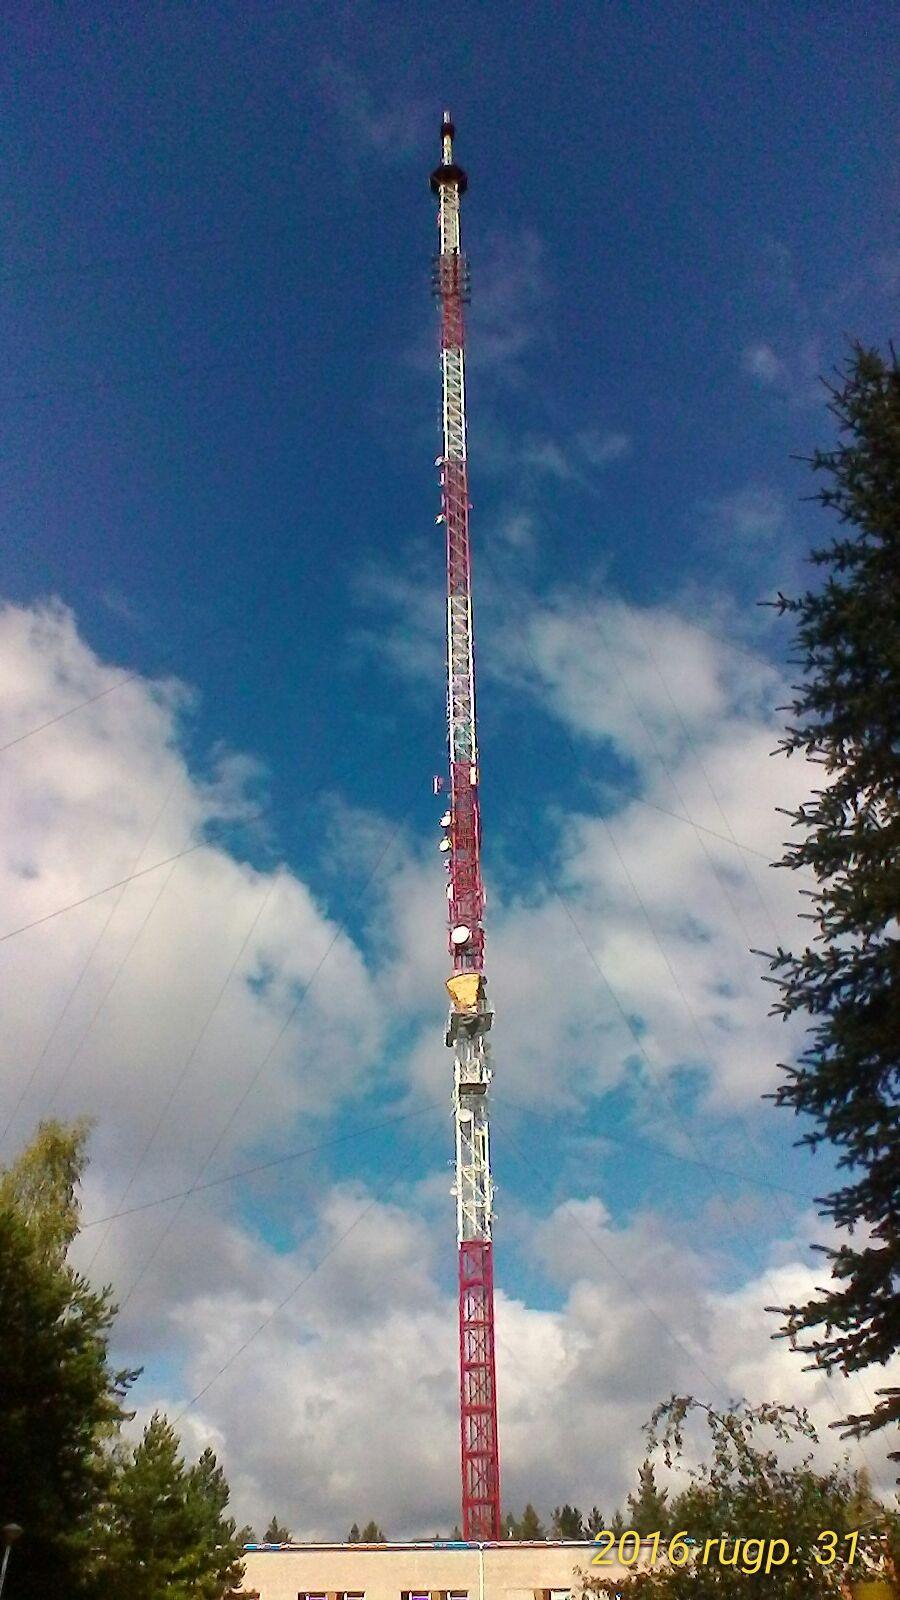 Visaginas. TV stiebo aukštis – 250 m. 2016 m.